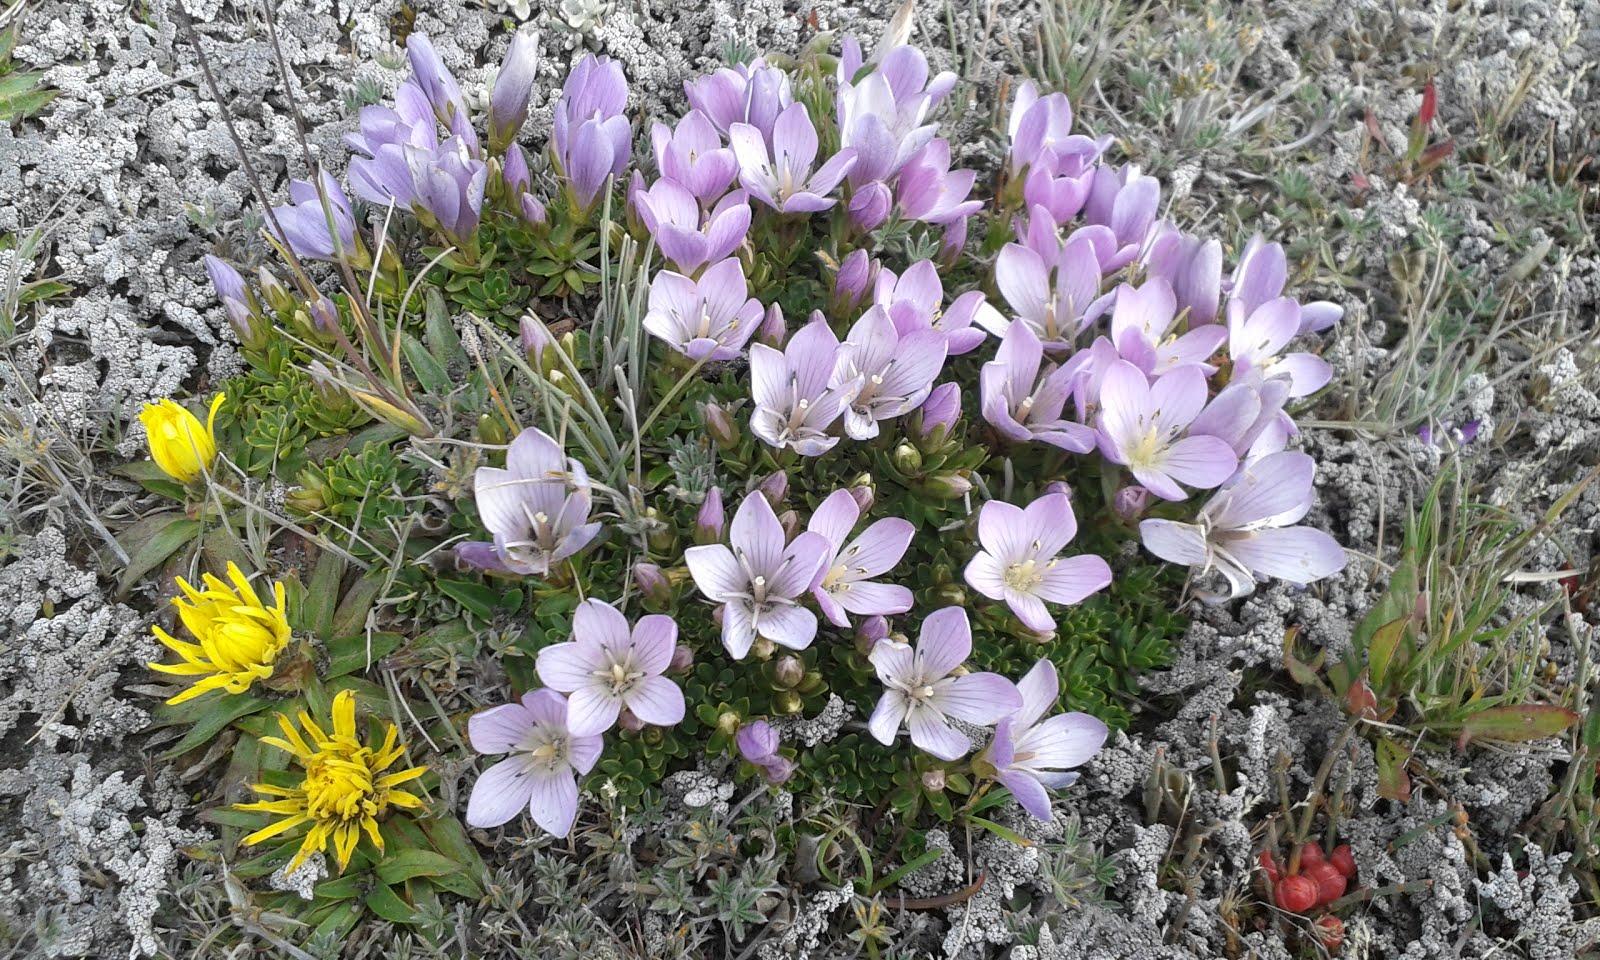 Z wdzięcznością - ekwadorskie, wulkaniczne kwiatki